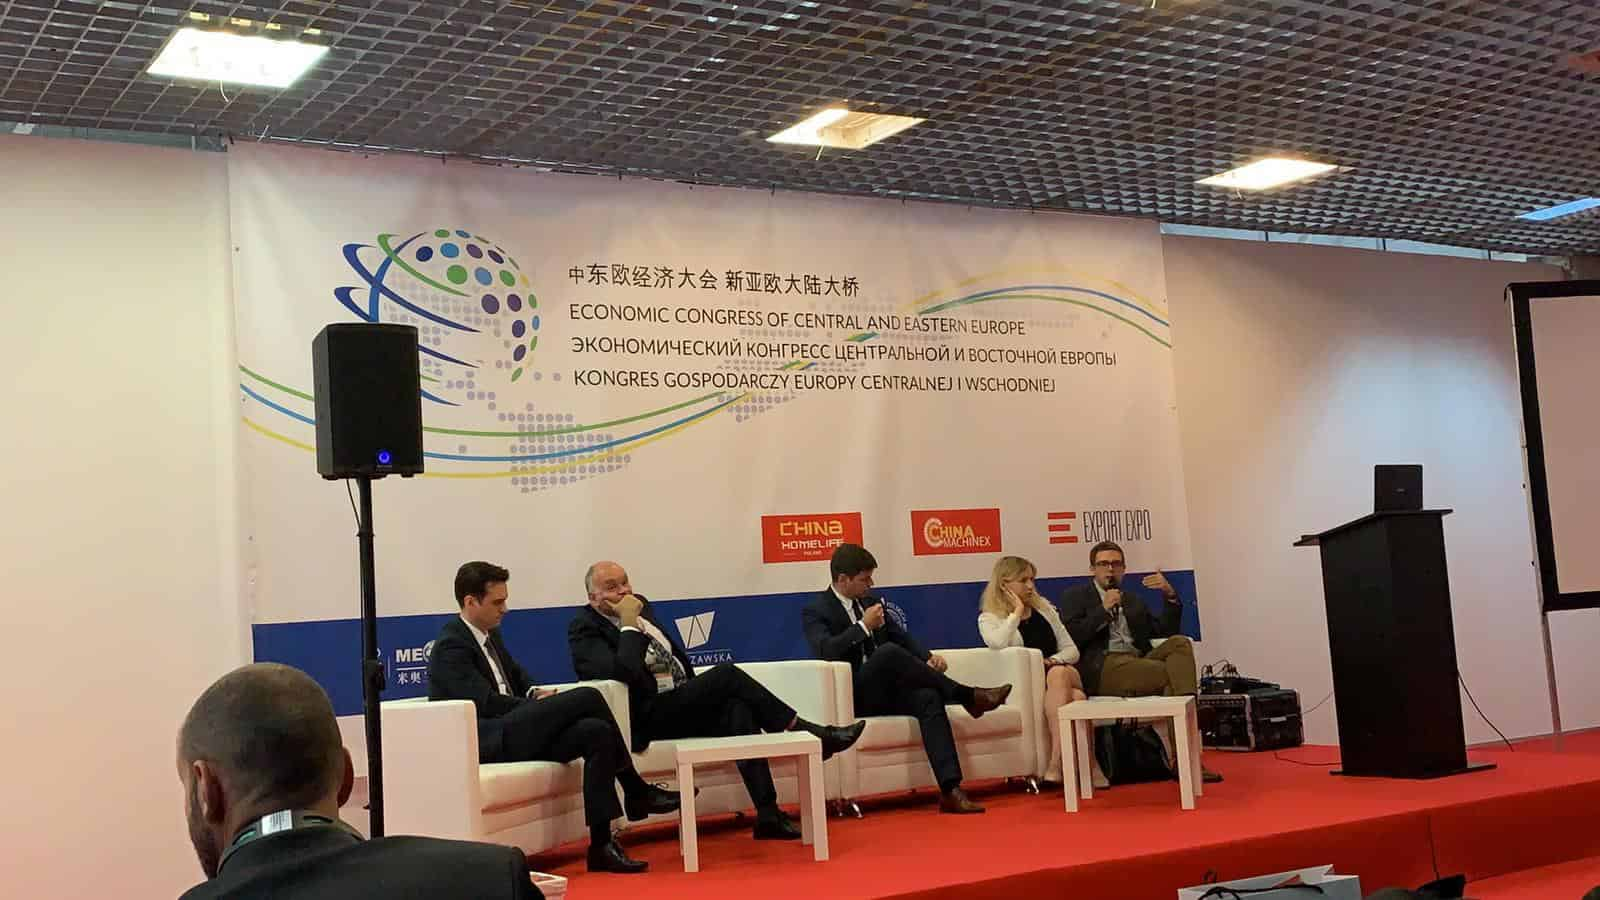 III Kongresie Gospodarczym Europy Centralnej IWschodniej 2